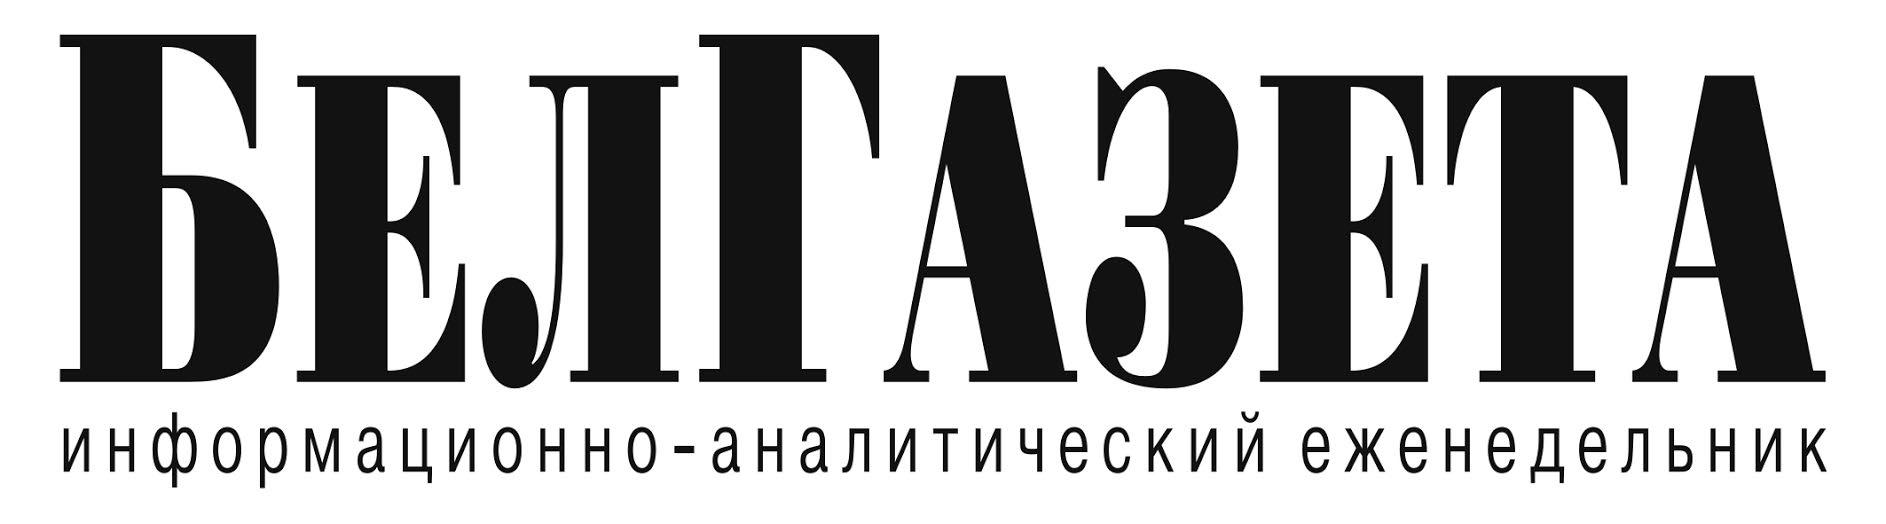 На фото: © СЛИШКОМ УМНЫЙ ИНТЕРНЕТ (Белгазета, № 38 [506] от 26.09.2005), автор: admin